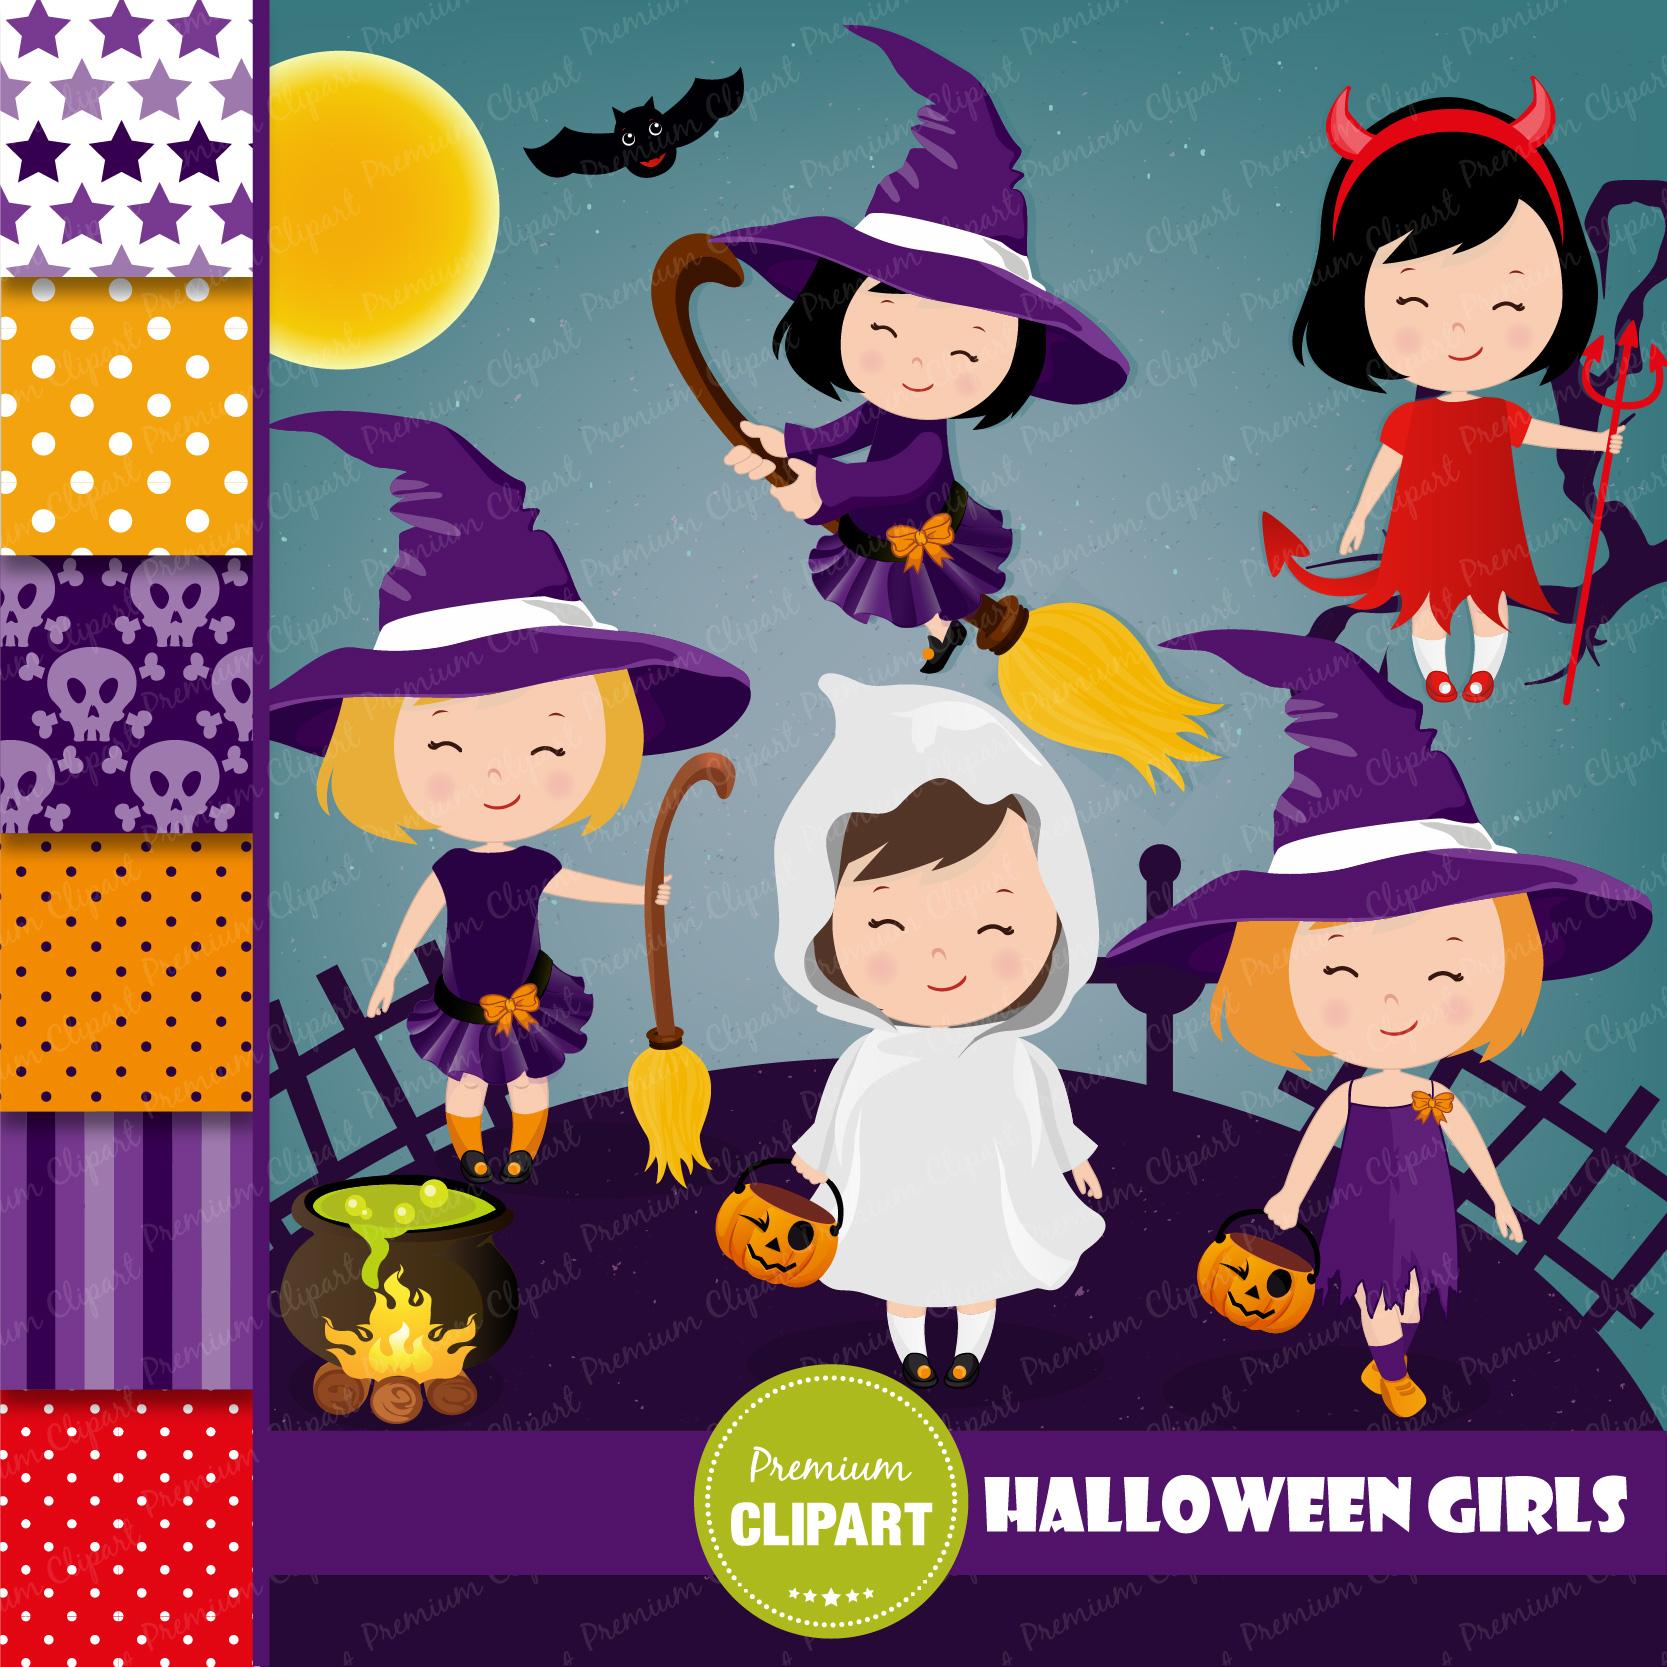 Halloween bundle, Halloween illustrations example image 18